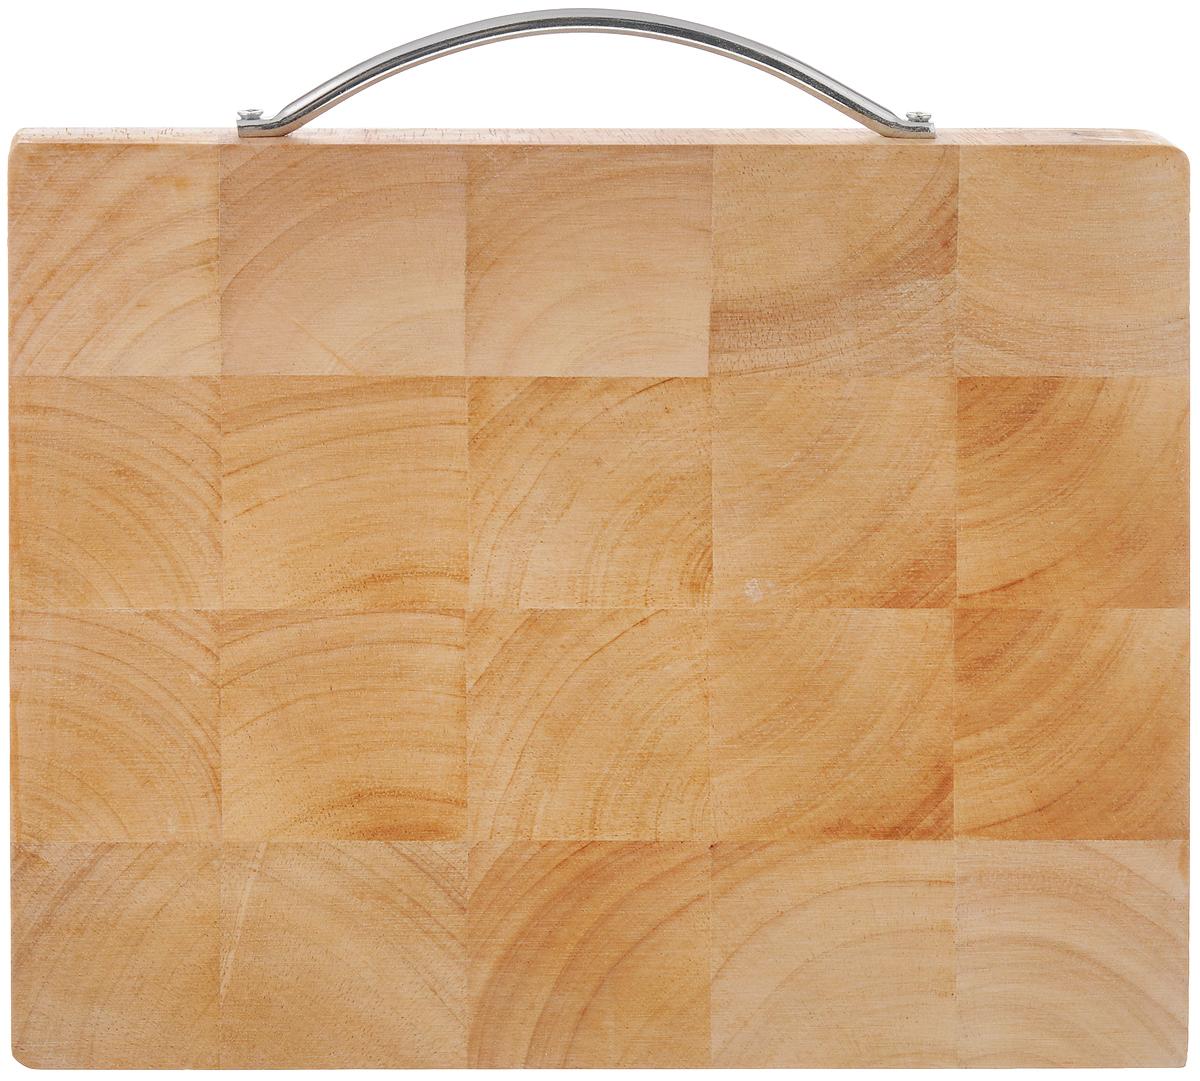 Доска разделочная House & Holder, с ручкой, 25 х 20 х 2 см. B095(3)B095(3)Доска разделочная House & Holder изготовлена из гевеи. Гевея входит в семейство элитного красного дерева. Изделия из этого дерева отличаются твердостью, долговечностью и стойкостью к гниению. Доска оснащена металлической ручкой для более удобного использования.Функциональная и простая в использовании, разделочная доска House & Holder прекрасно впишется в интерьер любой кухни и прослужит вам долгие годы. Не рекомендуется мыть в посудомоечной машине.Размер доски: 25 х 20 см. Толщина доски: 2 см.